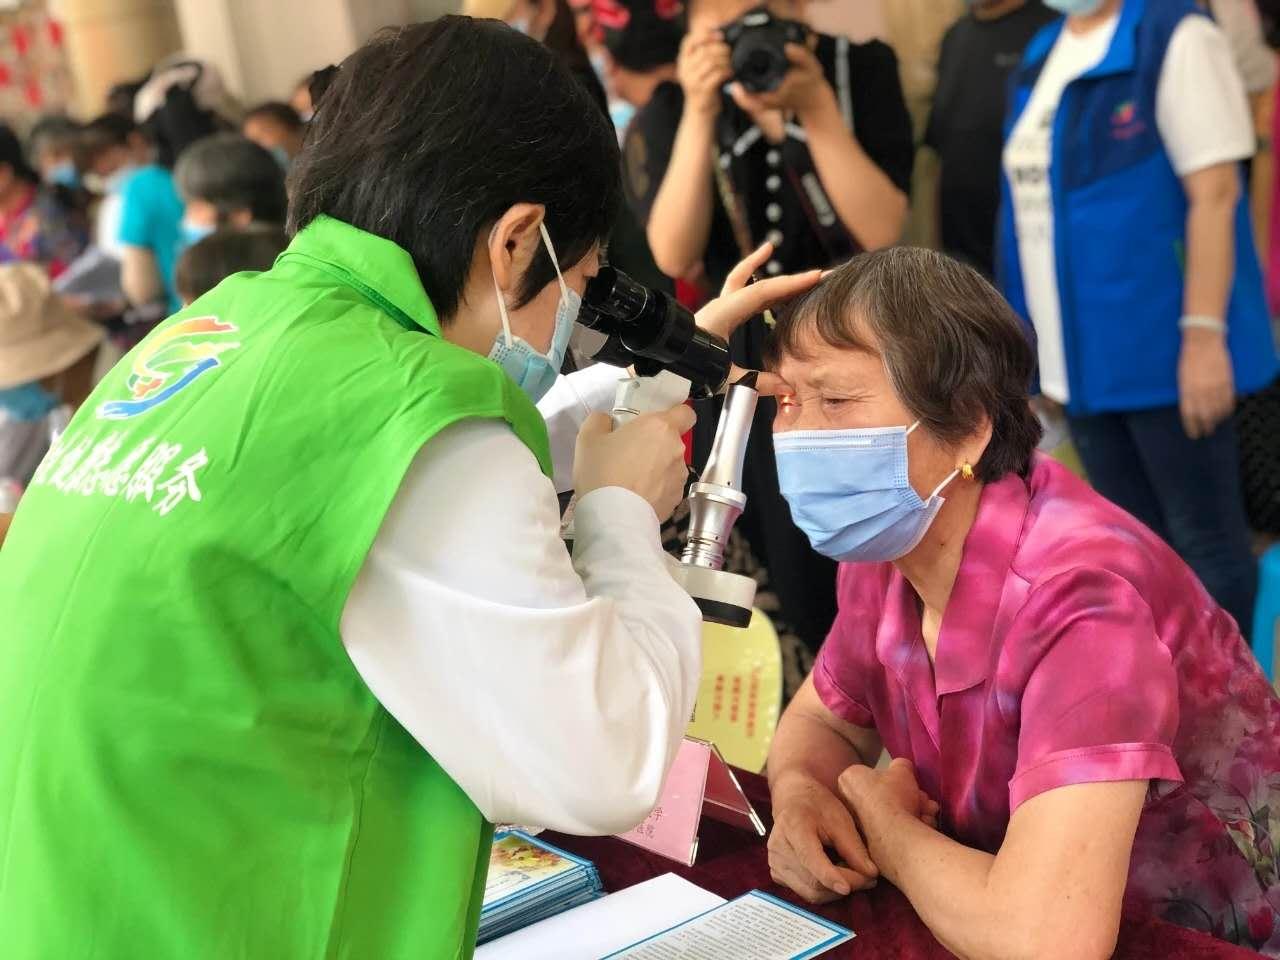 施尔明眼科医院专家在为群众做检查的副本.jpg